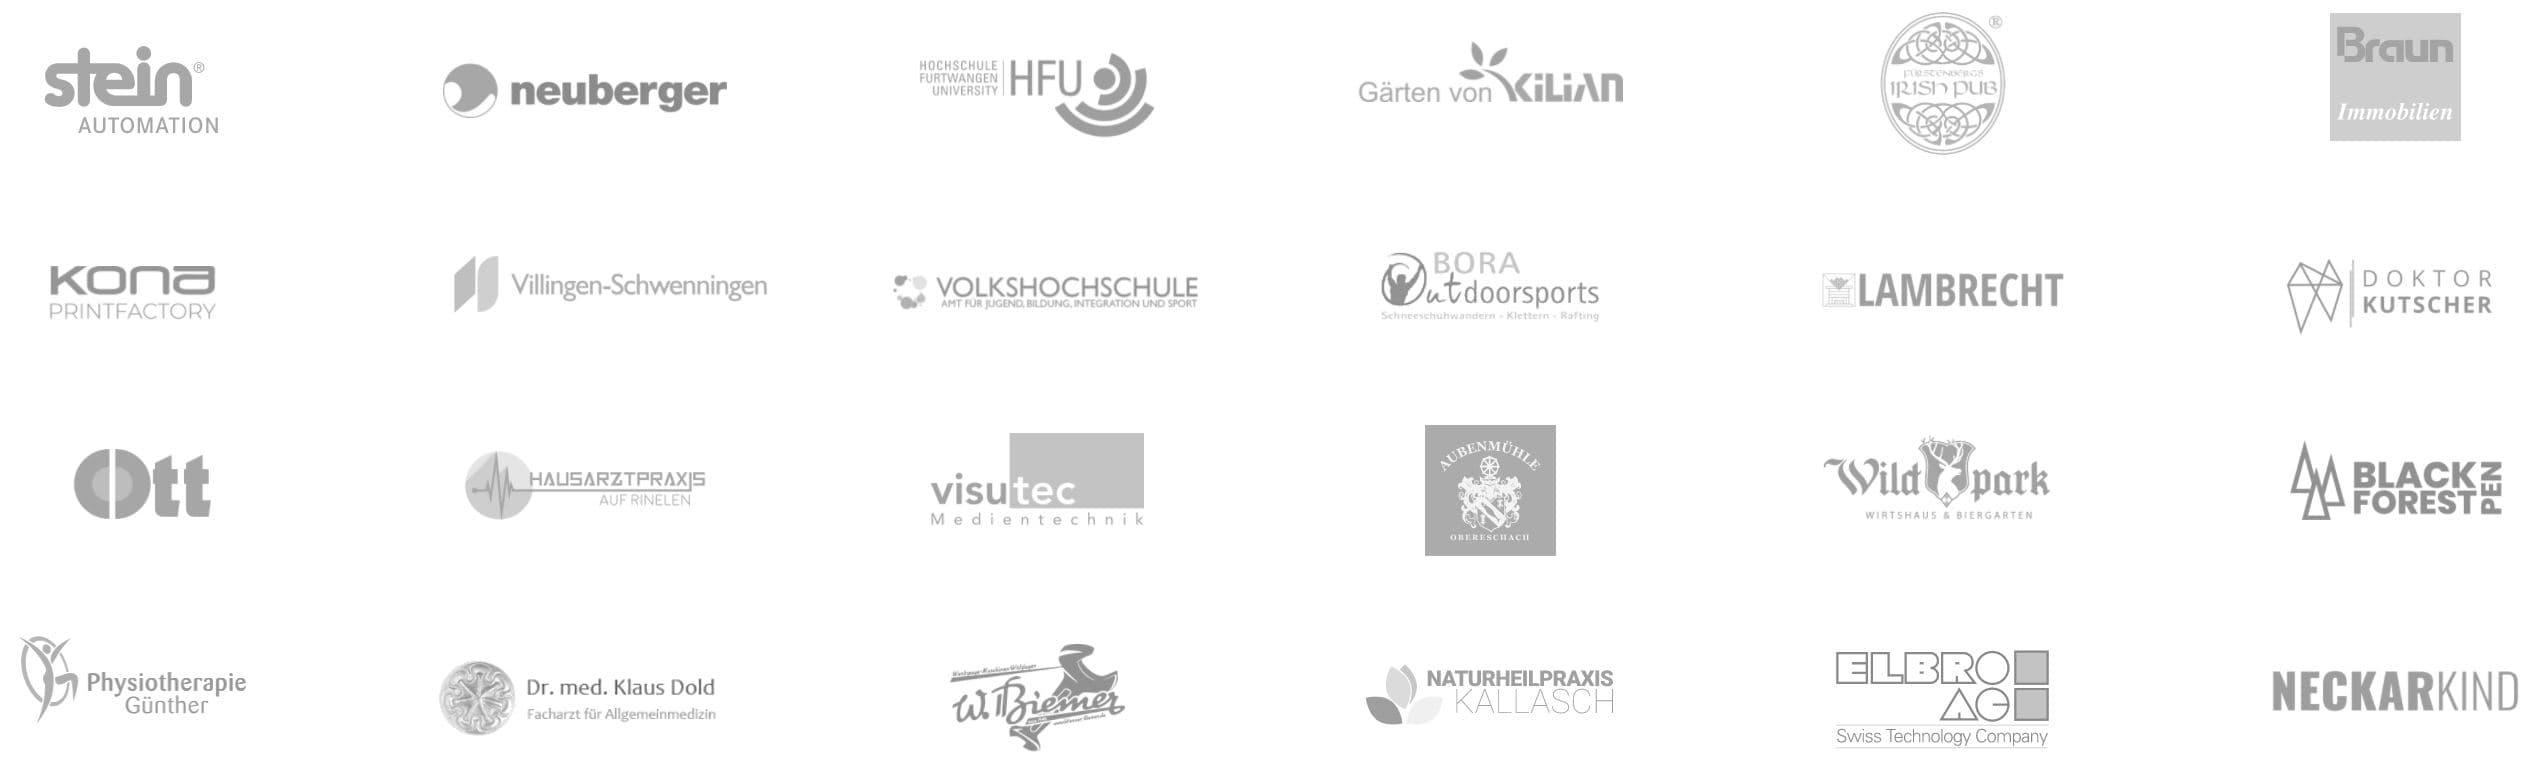 Webagentur & Medienagentur 15